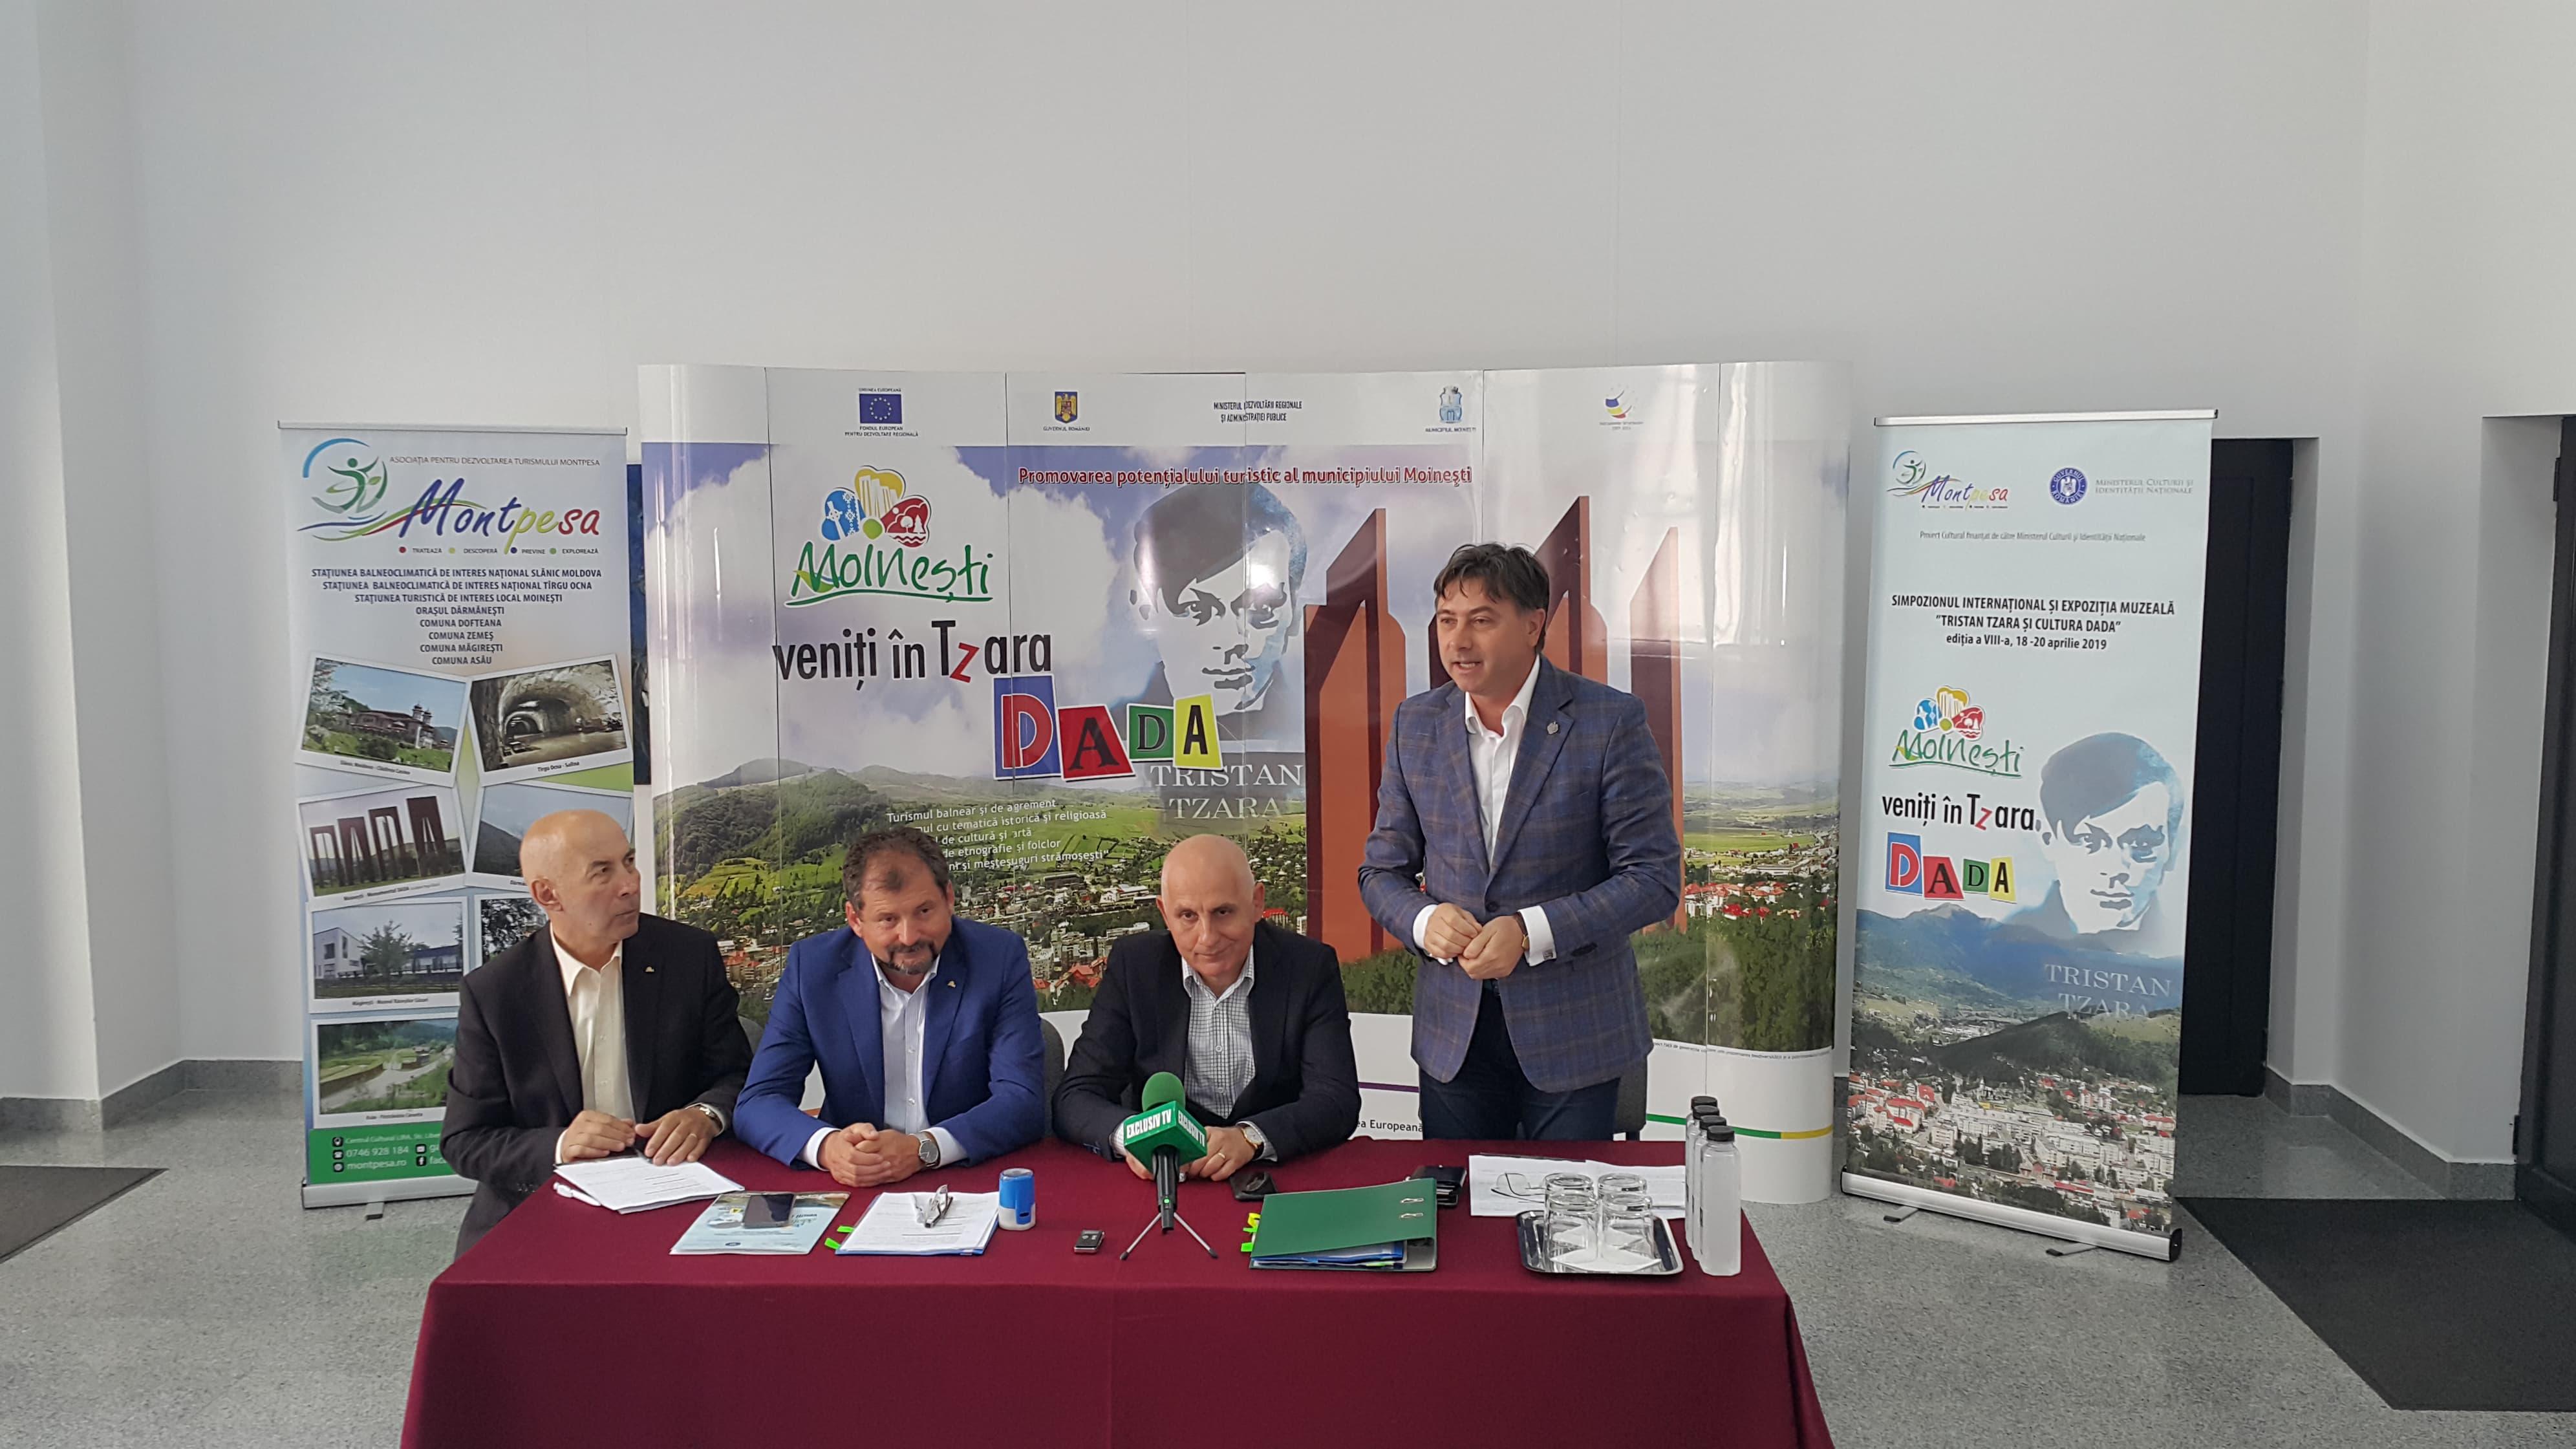 Finanțare de peste 15 milioane de euro pentru două proiecte noi la Moinești